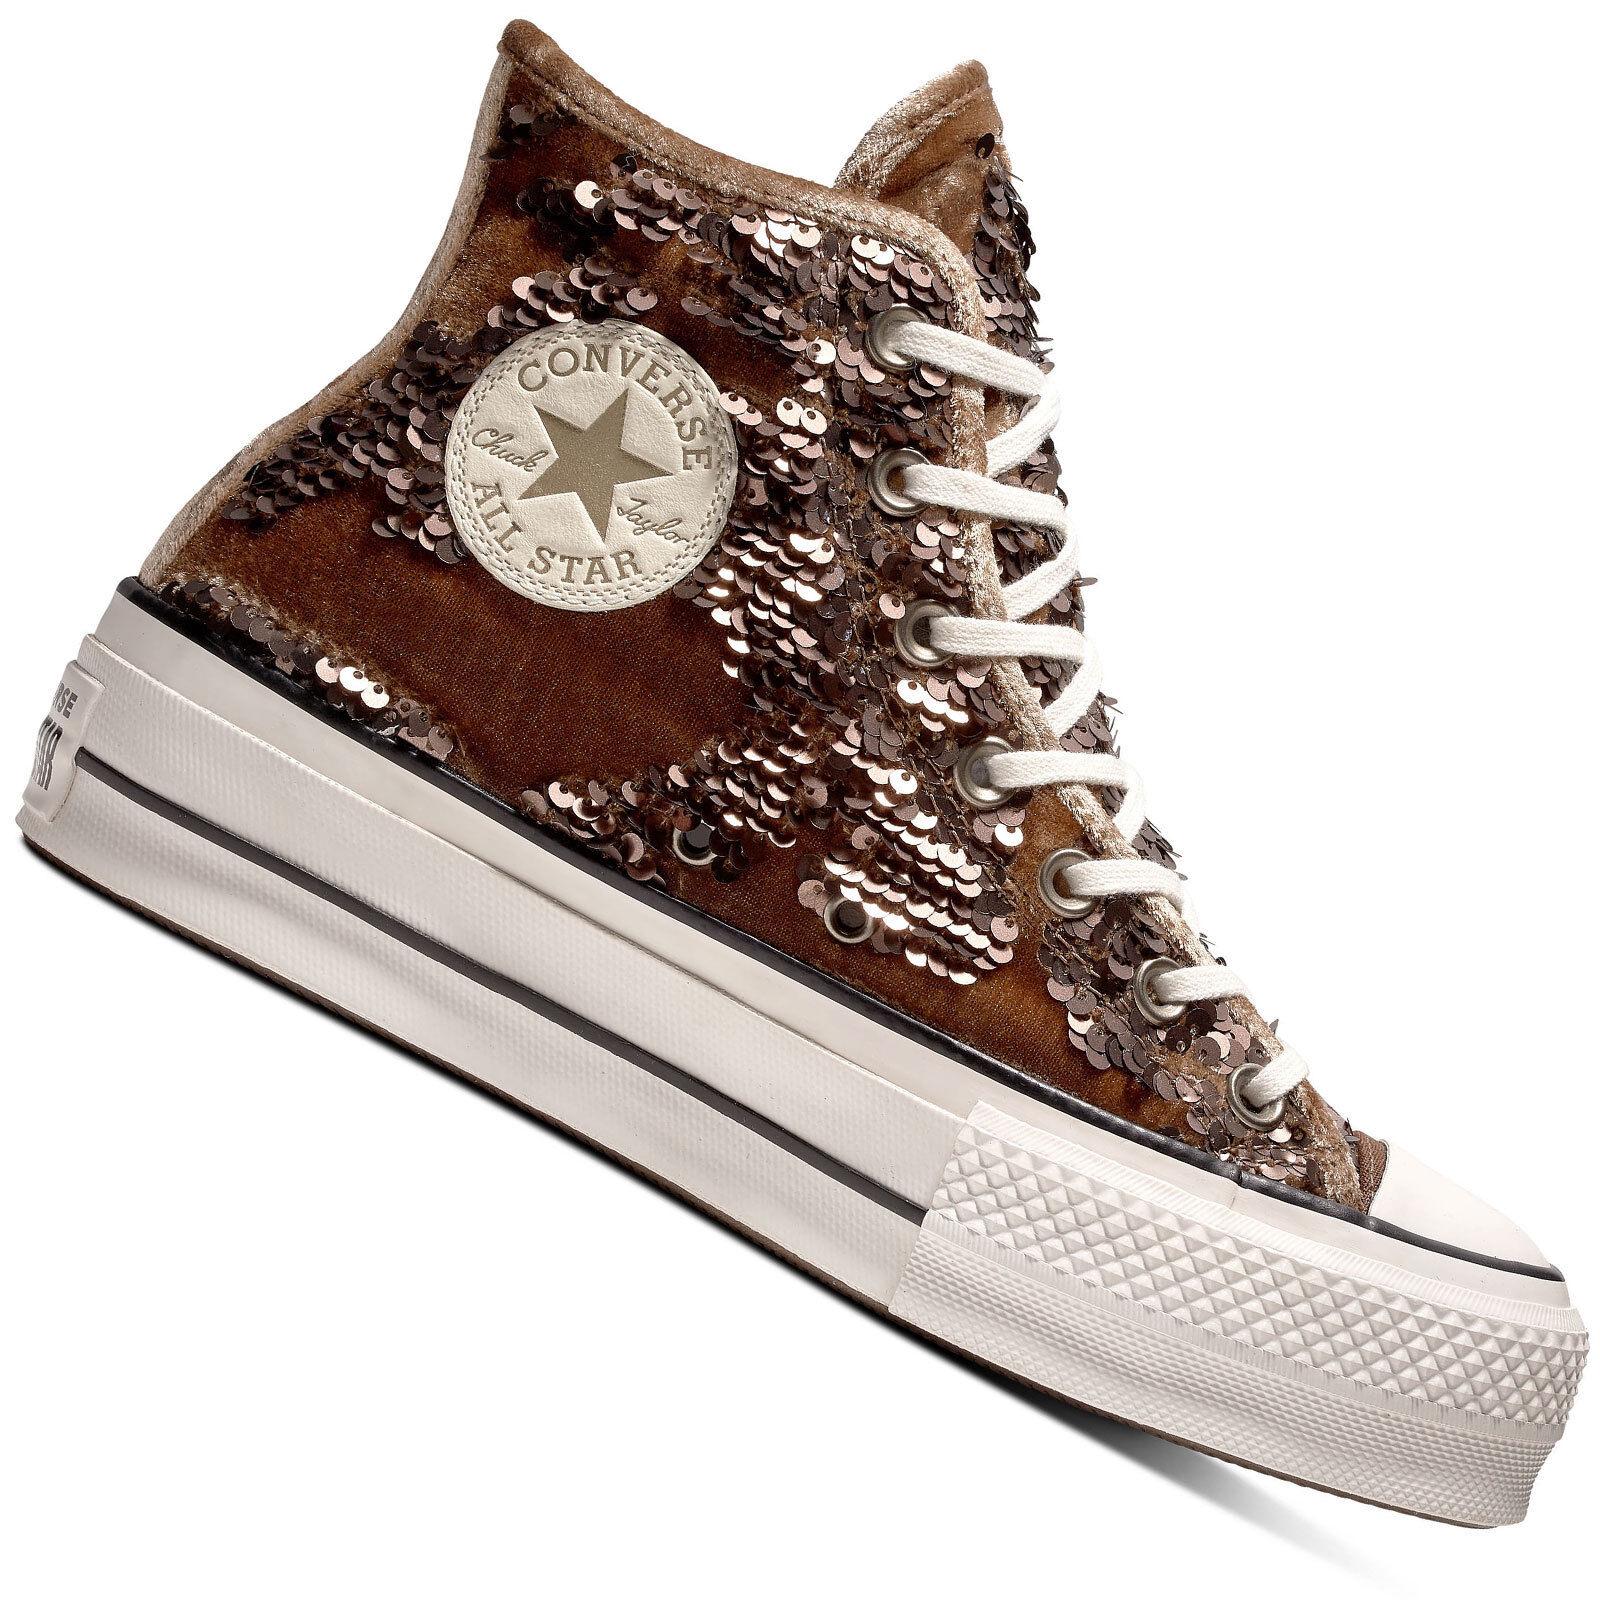 Konverse, kasta Taylor, Taylor, Taylor, alla stjärnlyftskor, skor, skor, skor.  golvpris